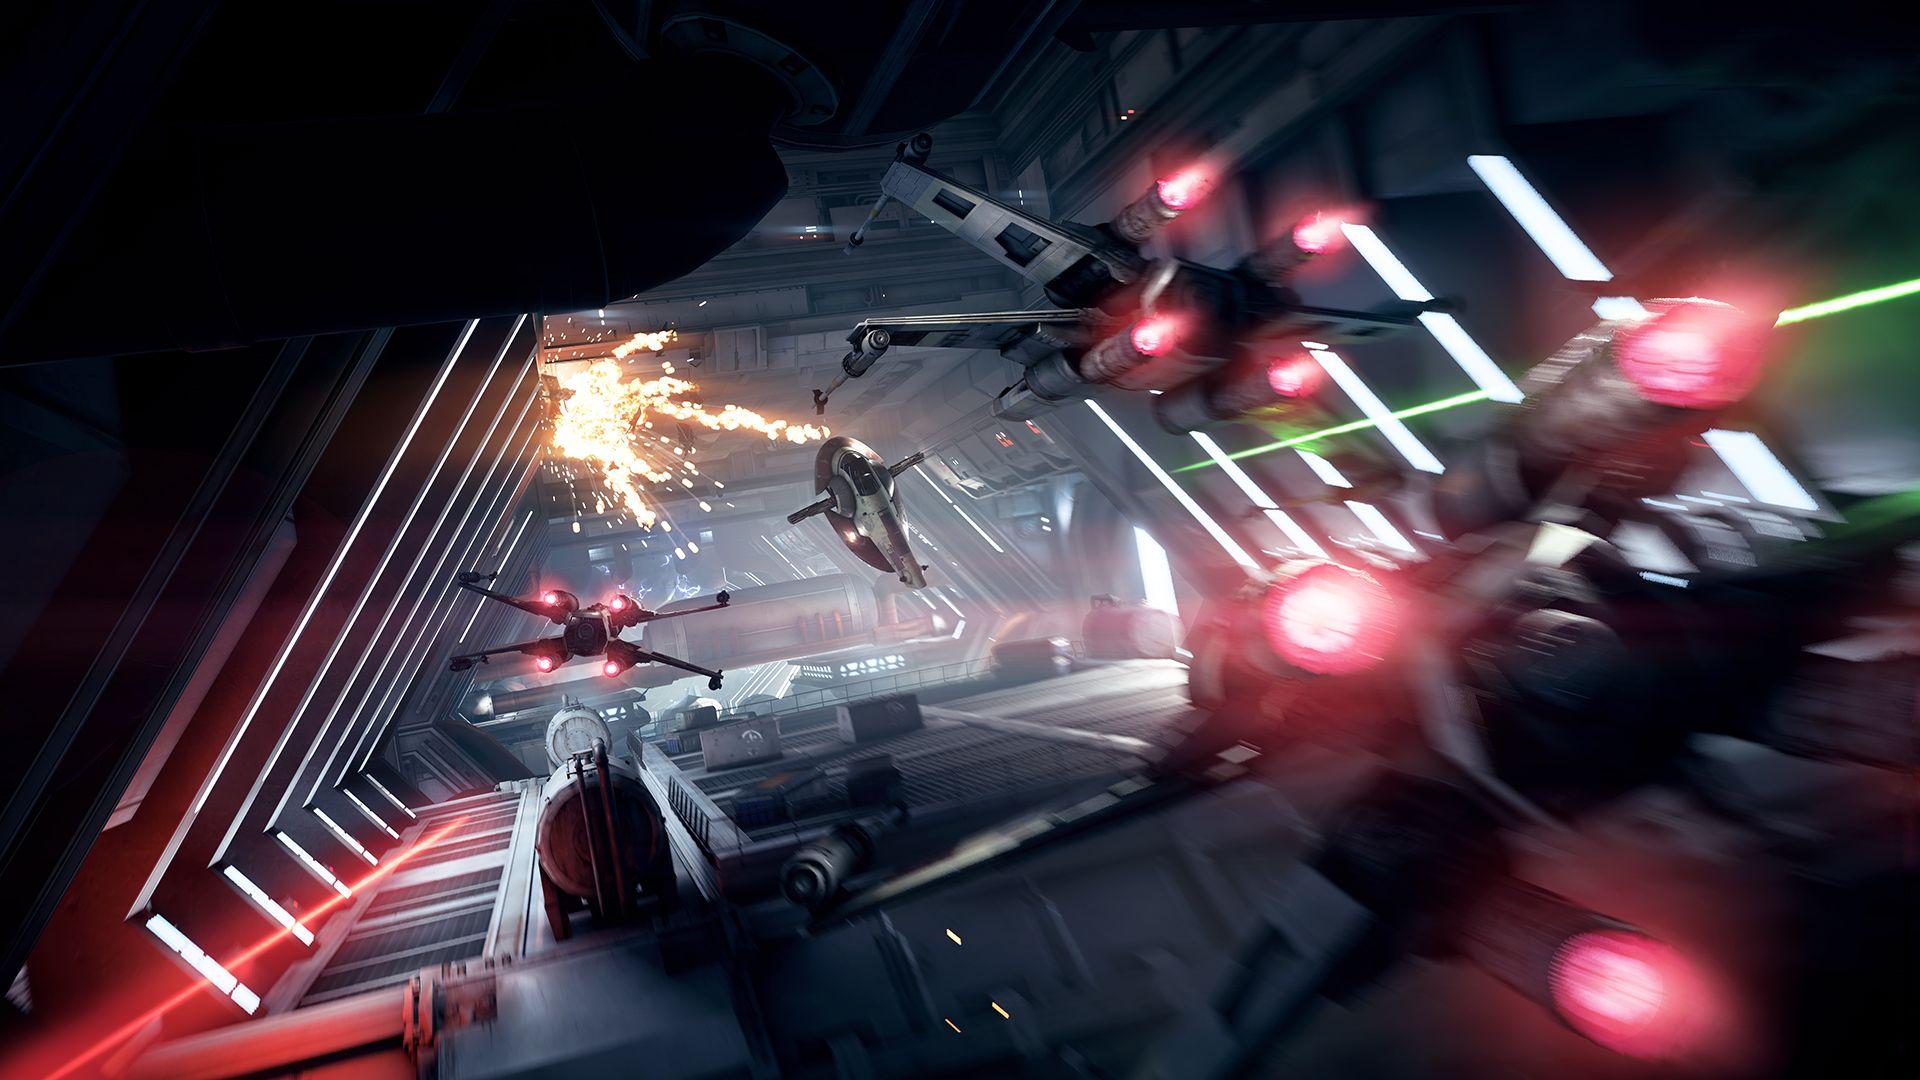 Скриншот 0 - Star Wars Battlefront II+Battle of Geonosis (RUS)+ ВСЕ ВЫШЕДШИЕ DLC [Оффлайн активация]